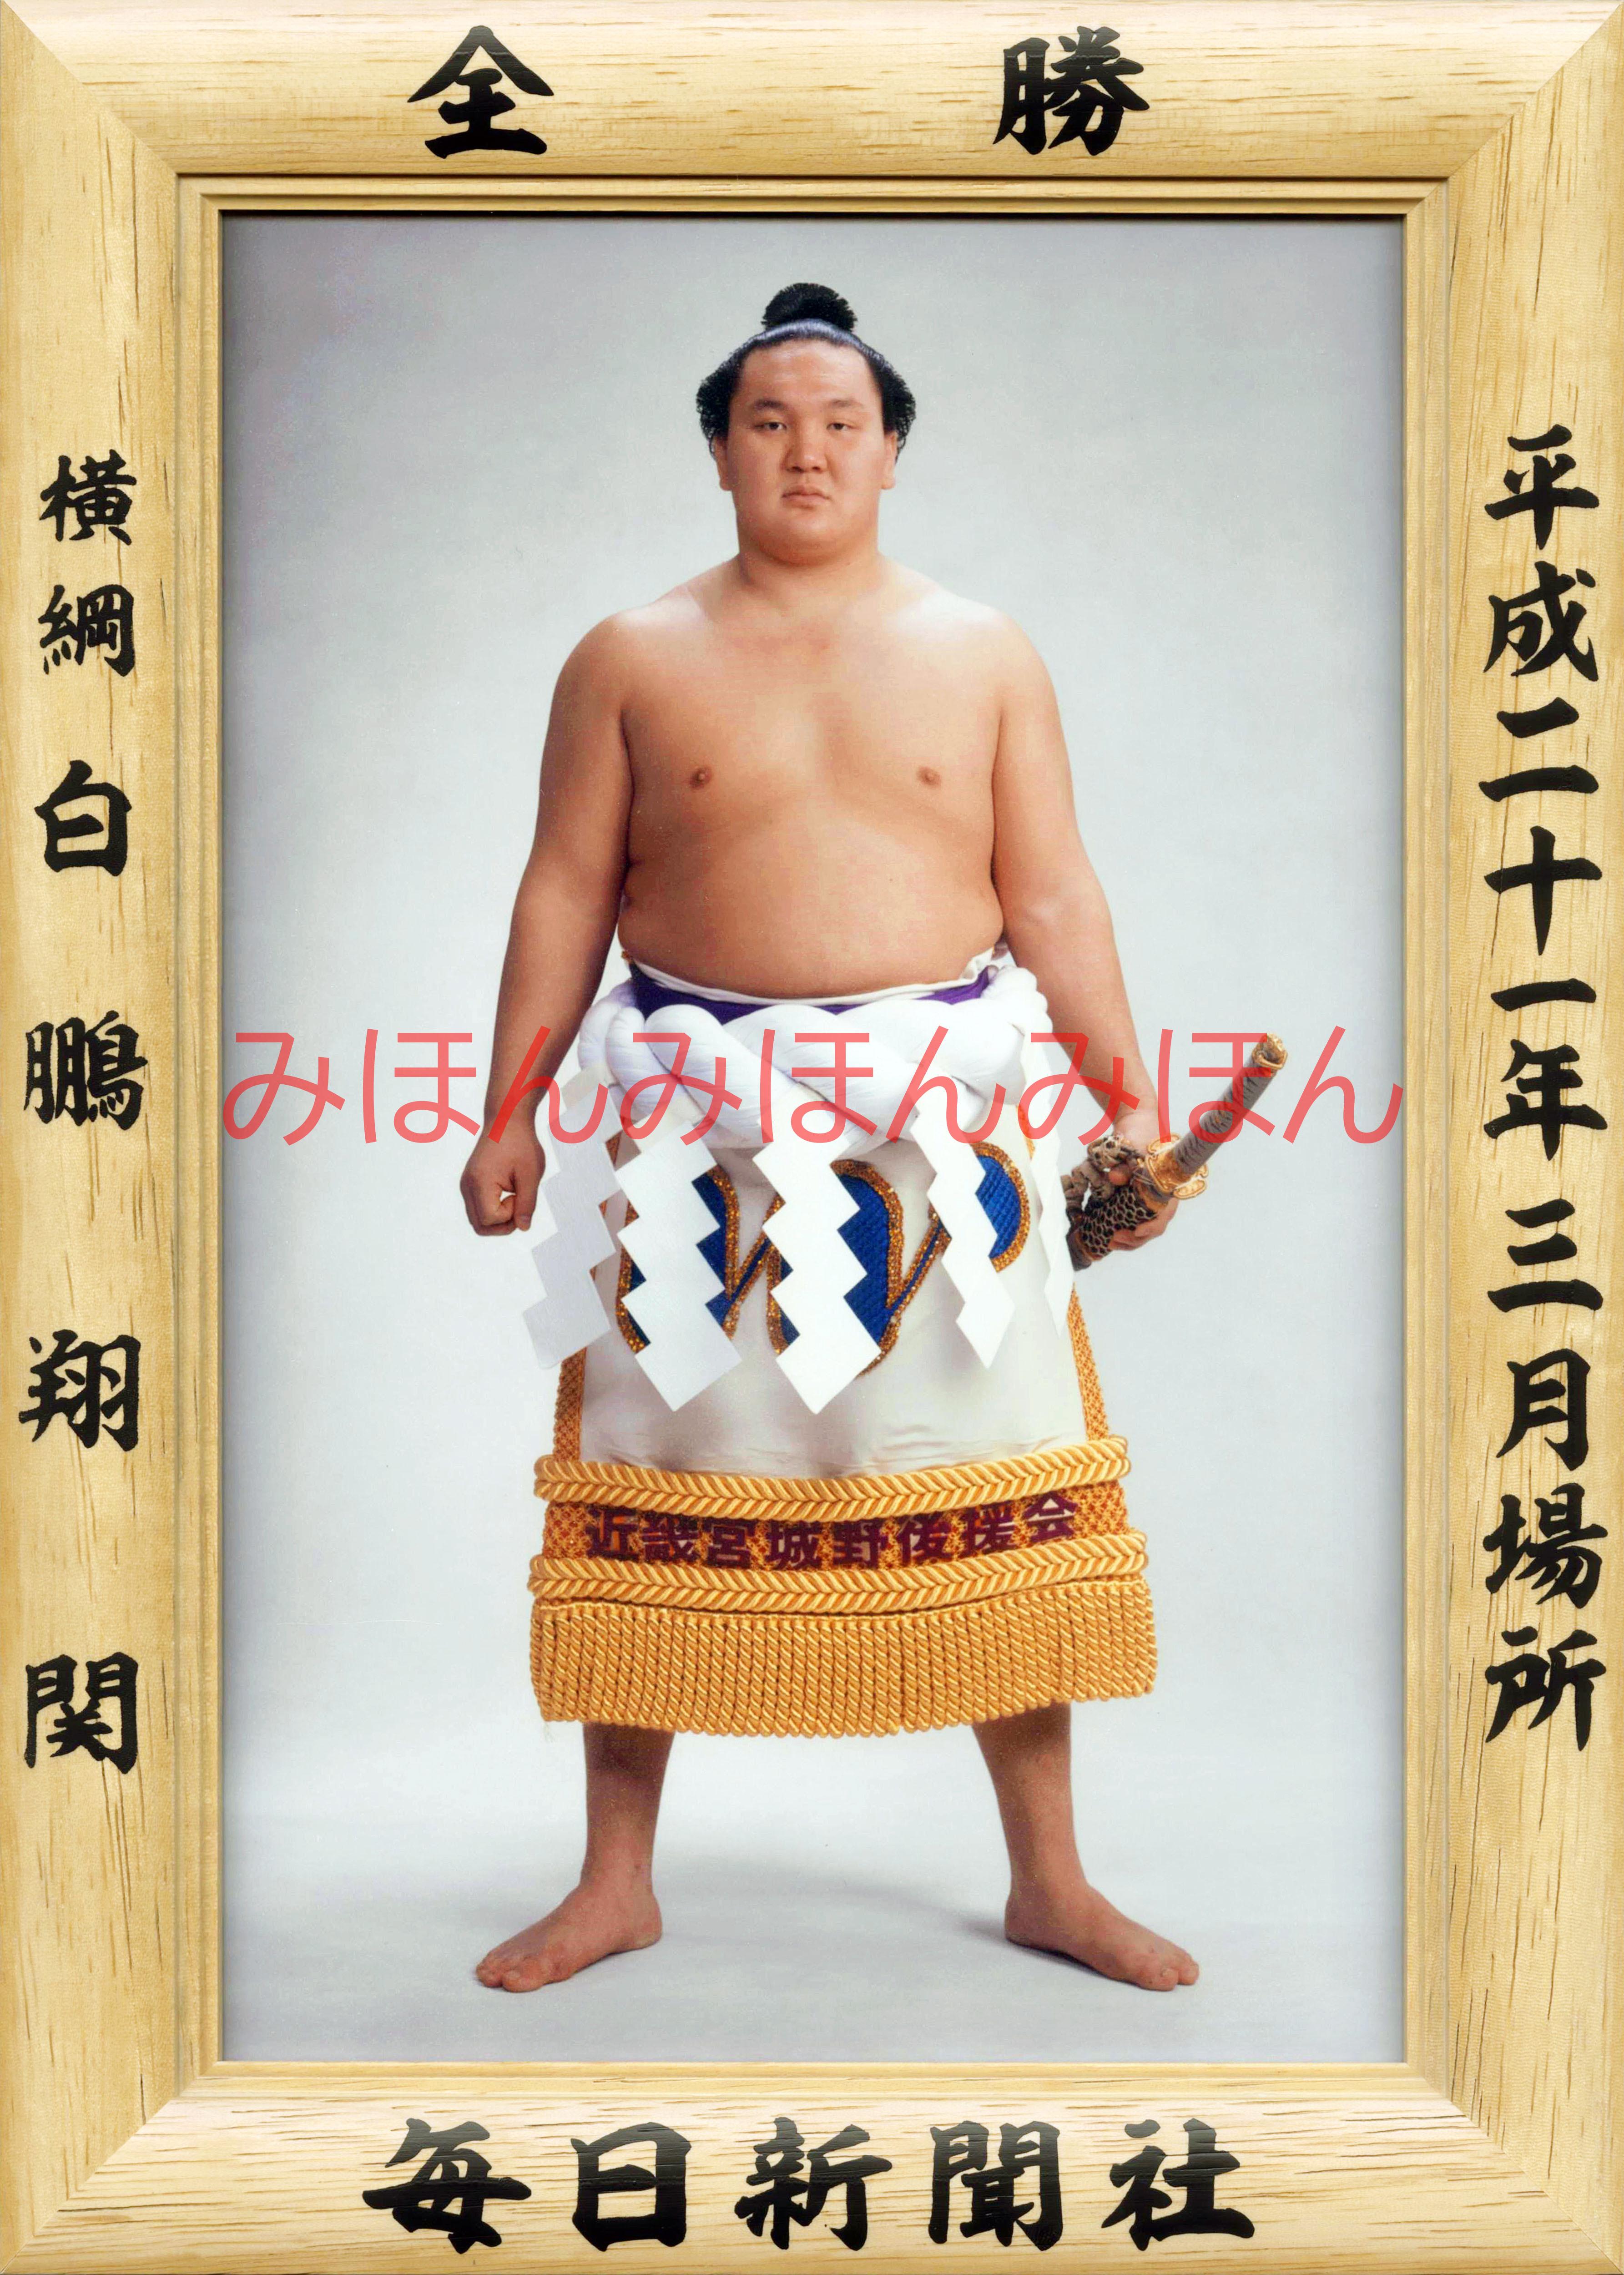 平成21年3月場所全勝 横綱 白鵬翔関(10回目の優勝)